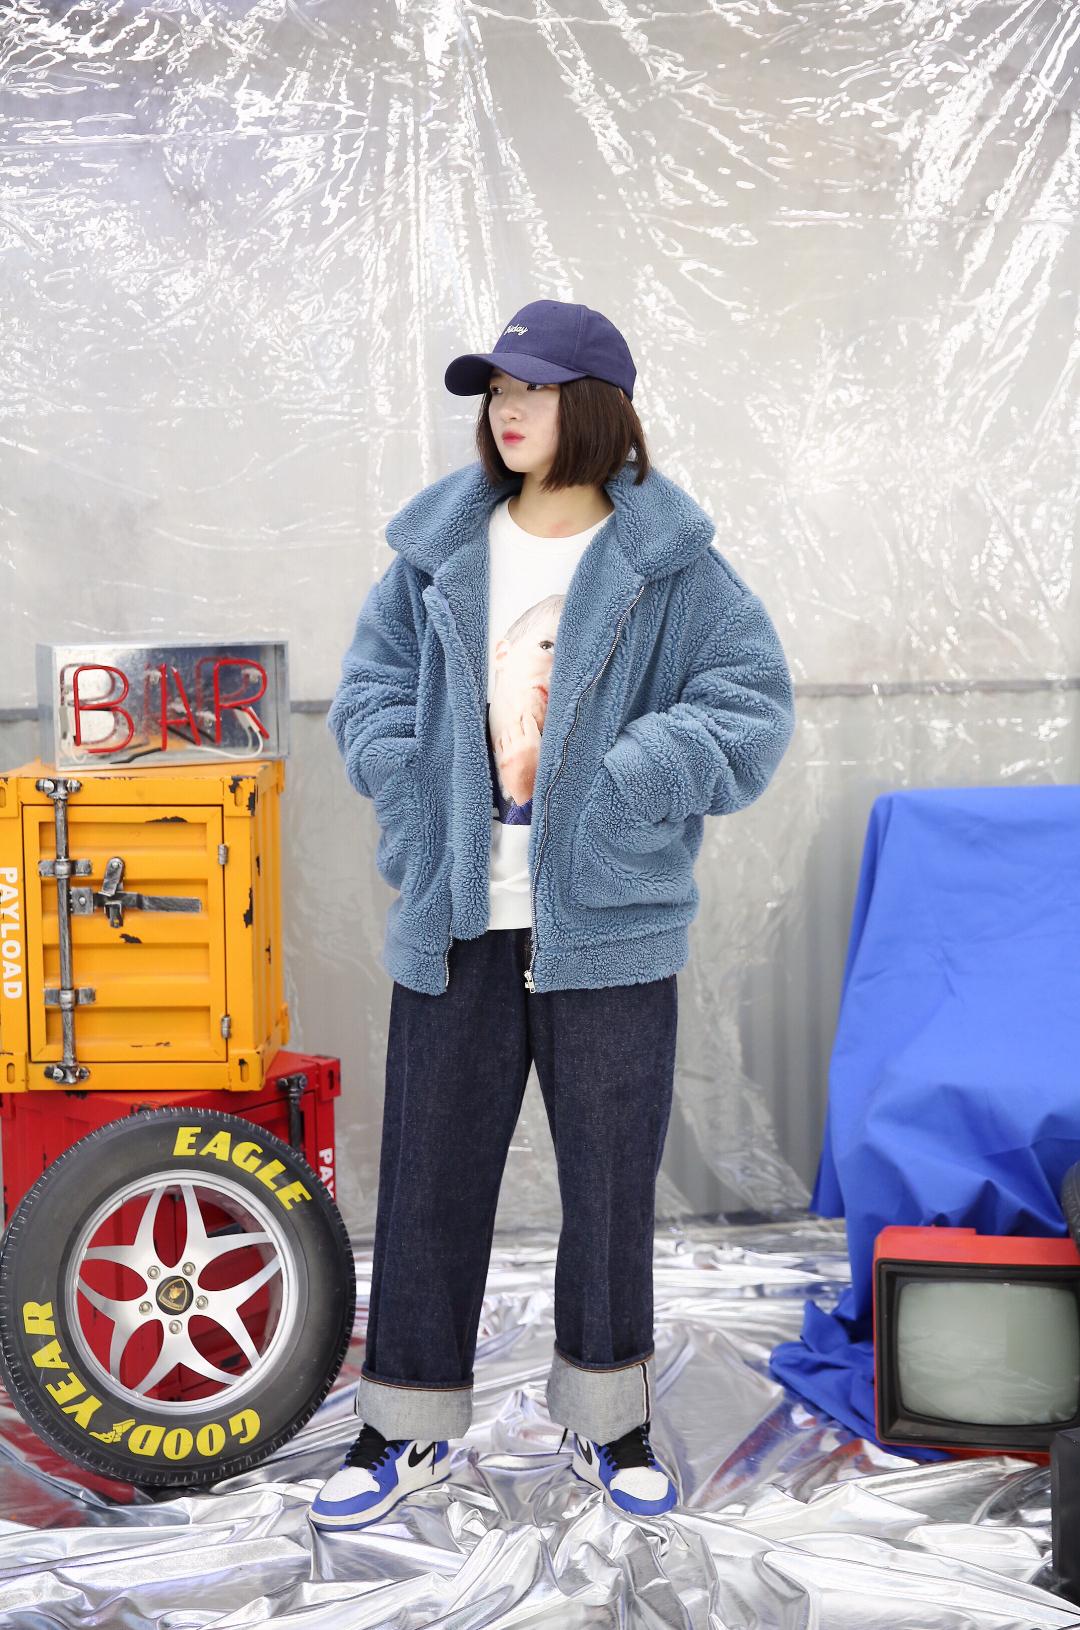 上身是一件白色印花卫衣 搭配一件蓝色羊羔毛外套 下身是一条牛仔裤 搭配一双蓝色aj1小闪电 再戴上一顶鸭舌帽 这样一身就比较酷酷的啦#裹得严严实实,温度不允许我随便露#